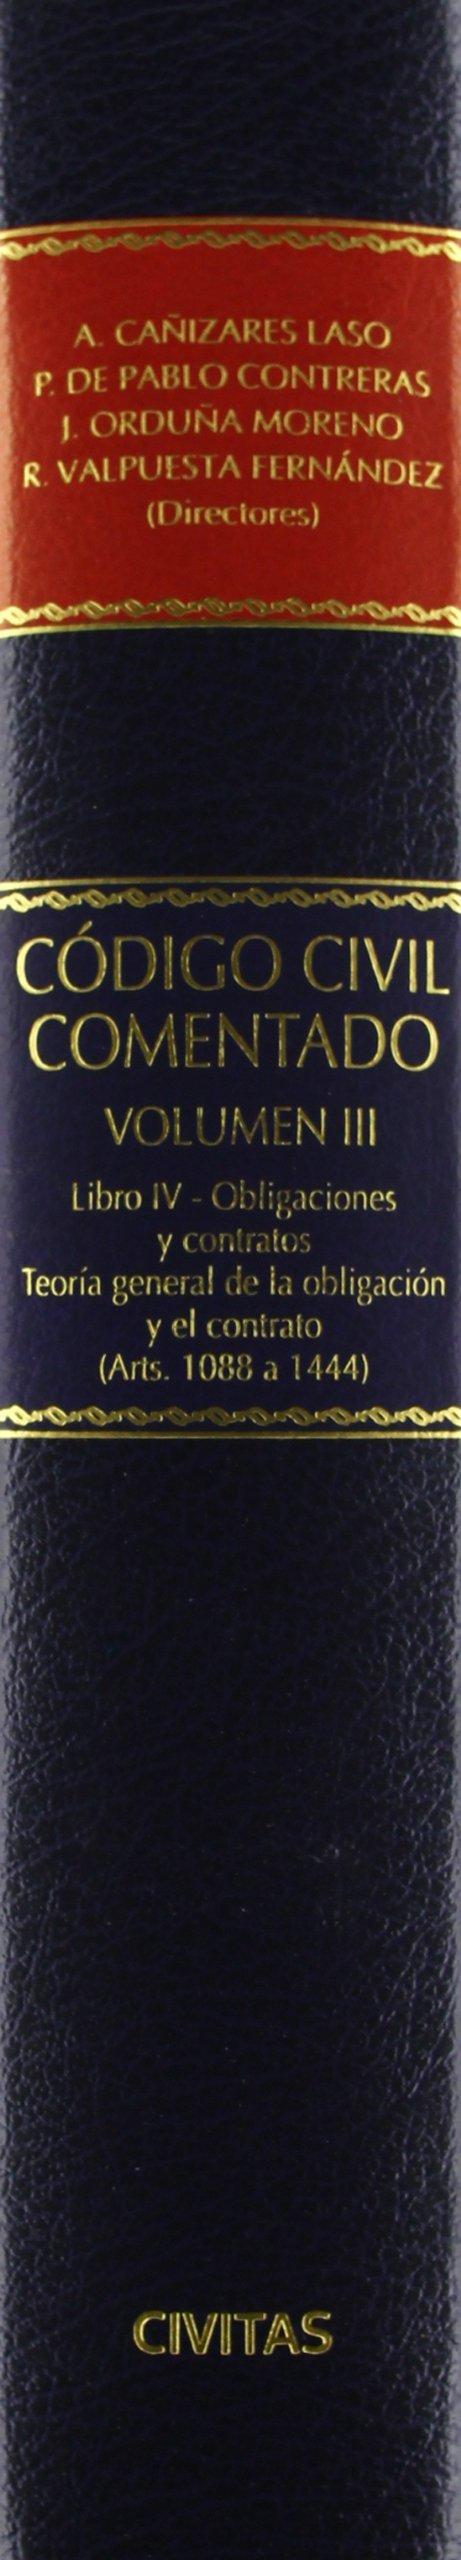 Código Civil Comentado Volumen III - Libro IV- De las Obligaciones y ...